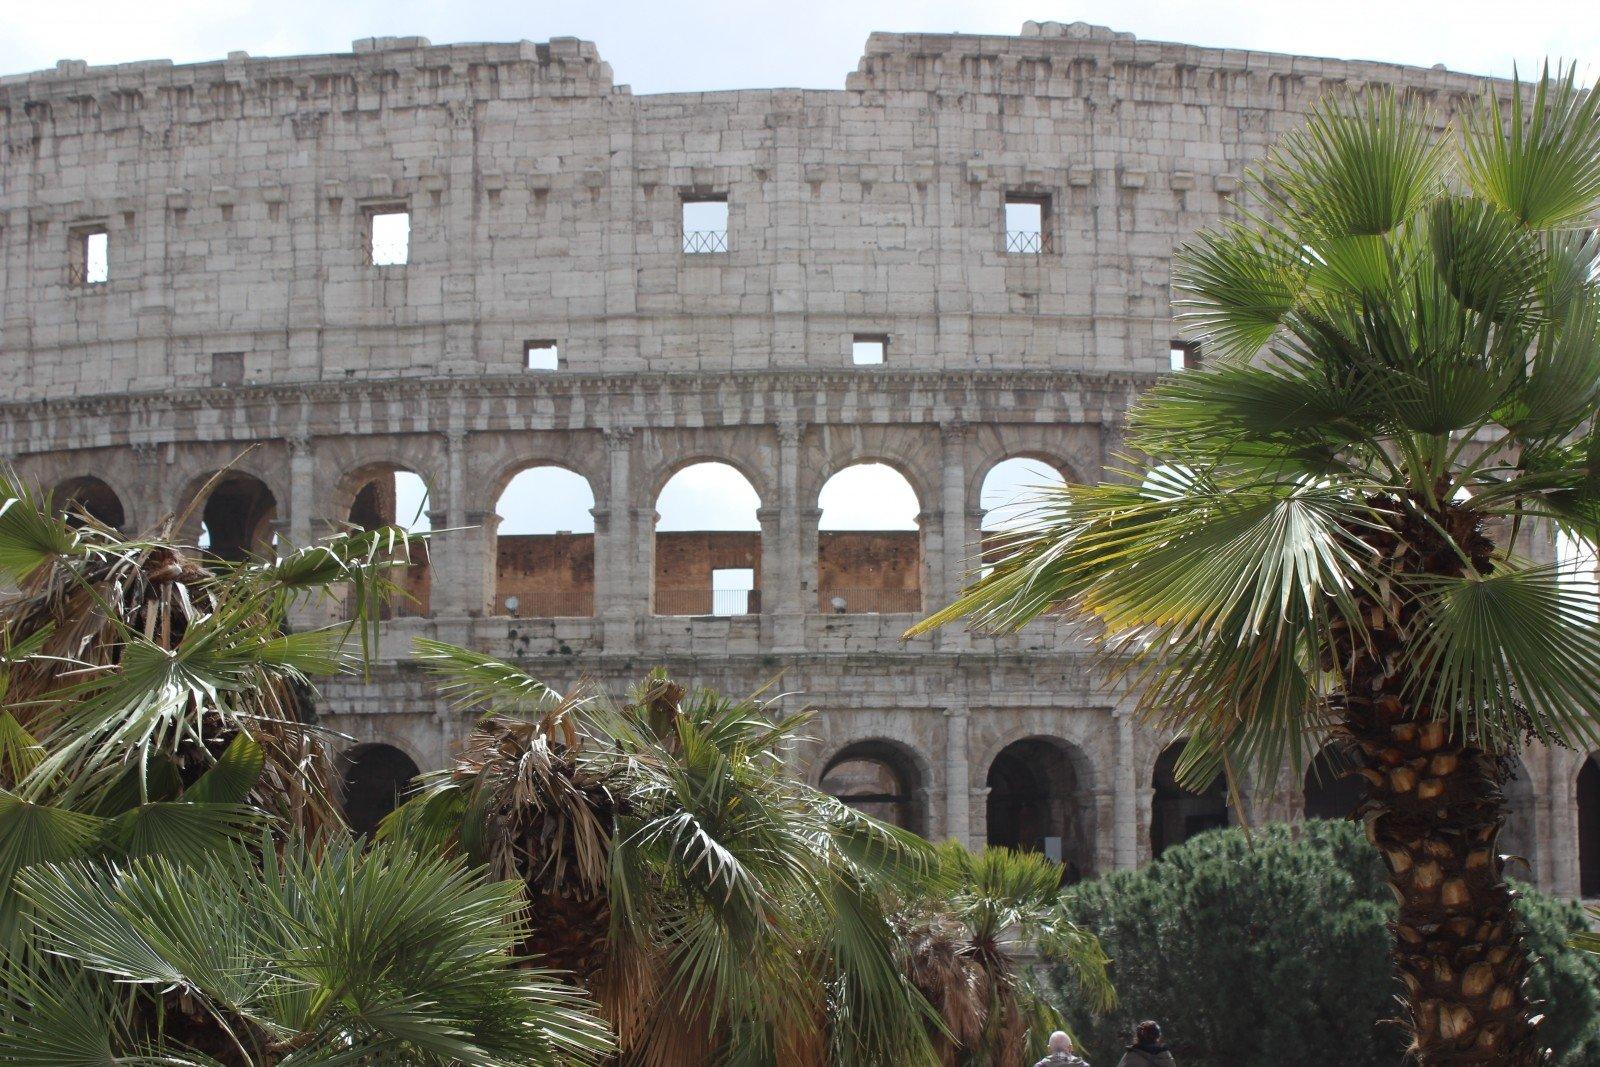 Lietuviški namai Romoje: sienos papasakotų daug, bet tapo užmirštos